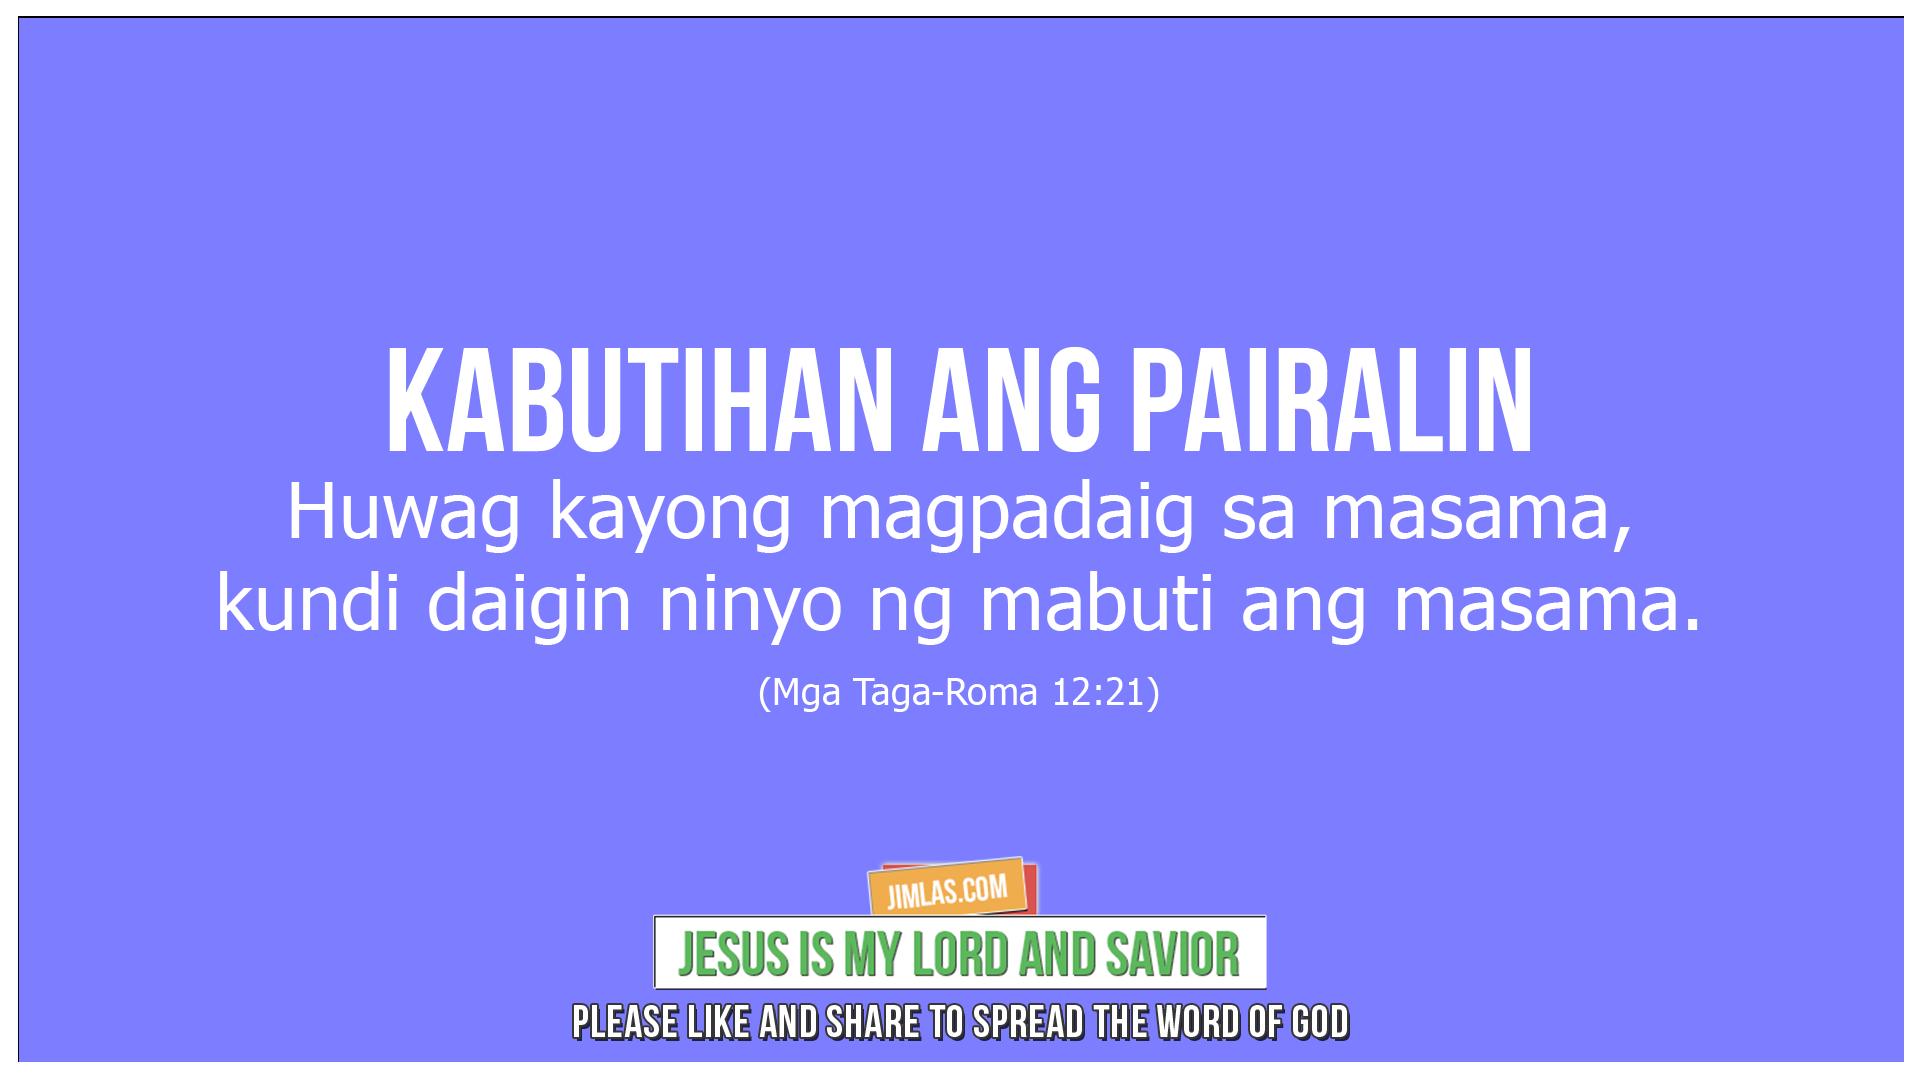 mga taga-roma 12 21, Mga Taga-Roma 12:21